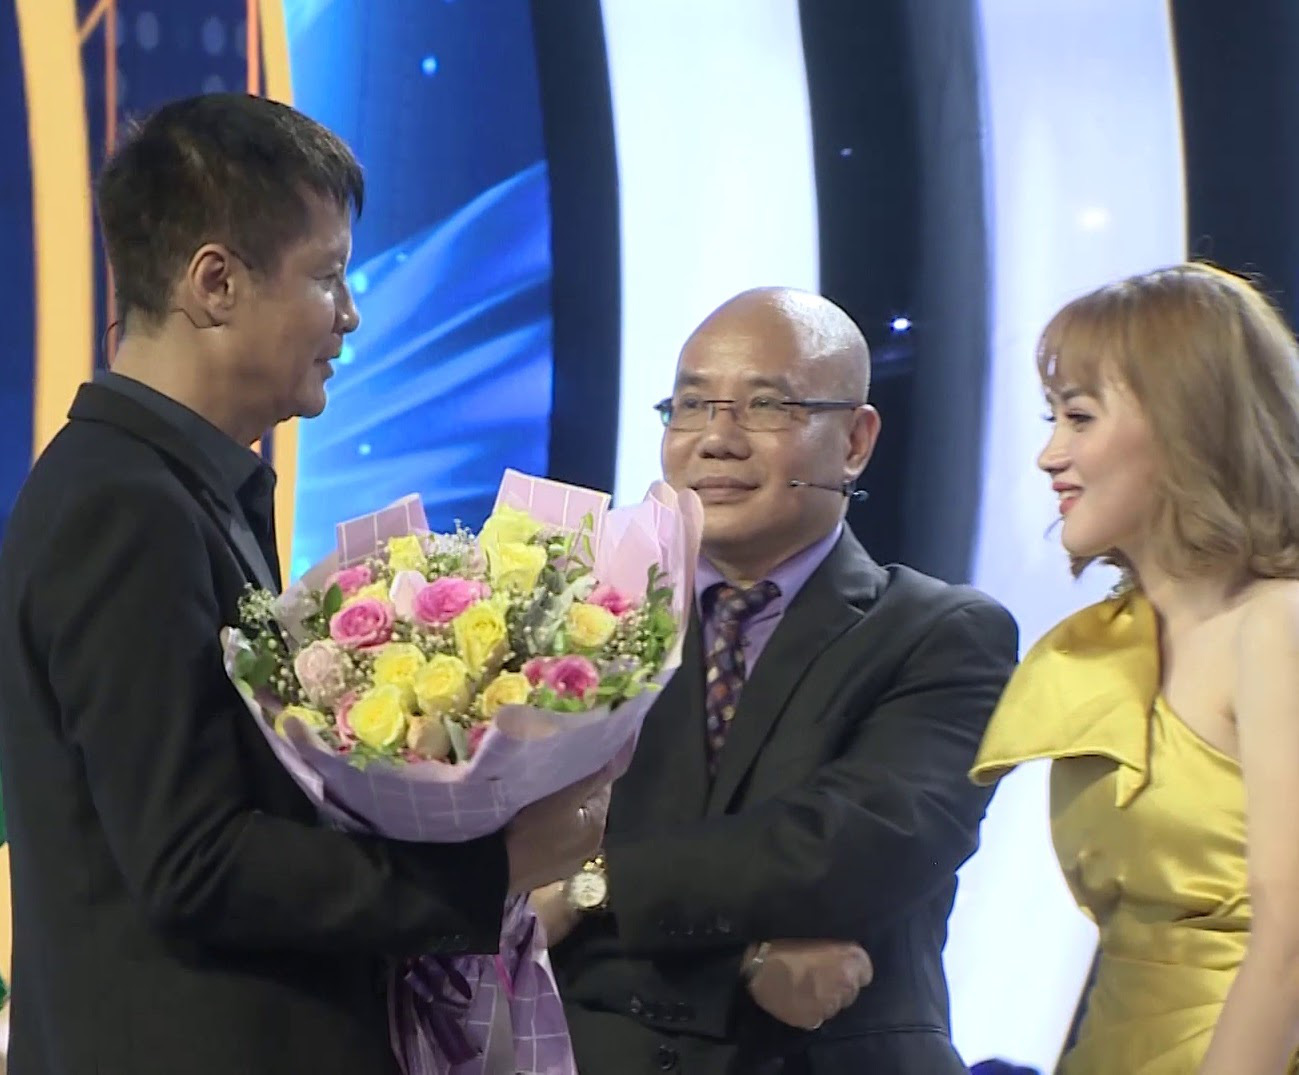 """Đạo diễn Lê Hoàng phát ngôn chặt chém nhưng vẫn """"rất tình"""" trong show thẩm mỹ - Ảnh 2."""